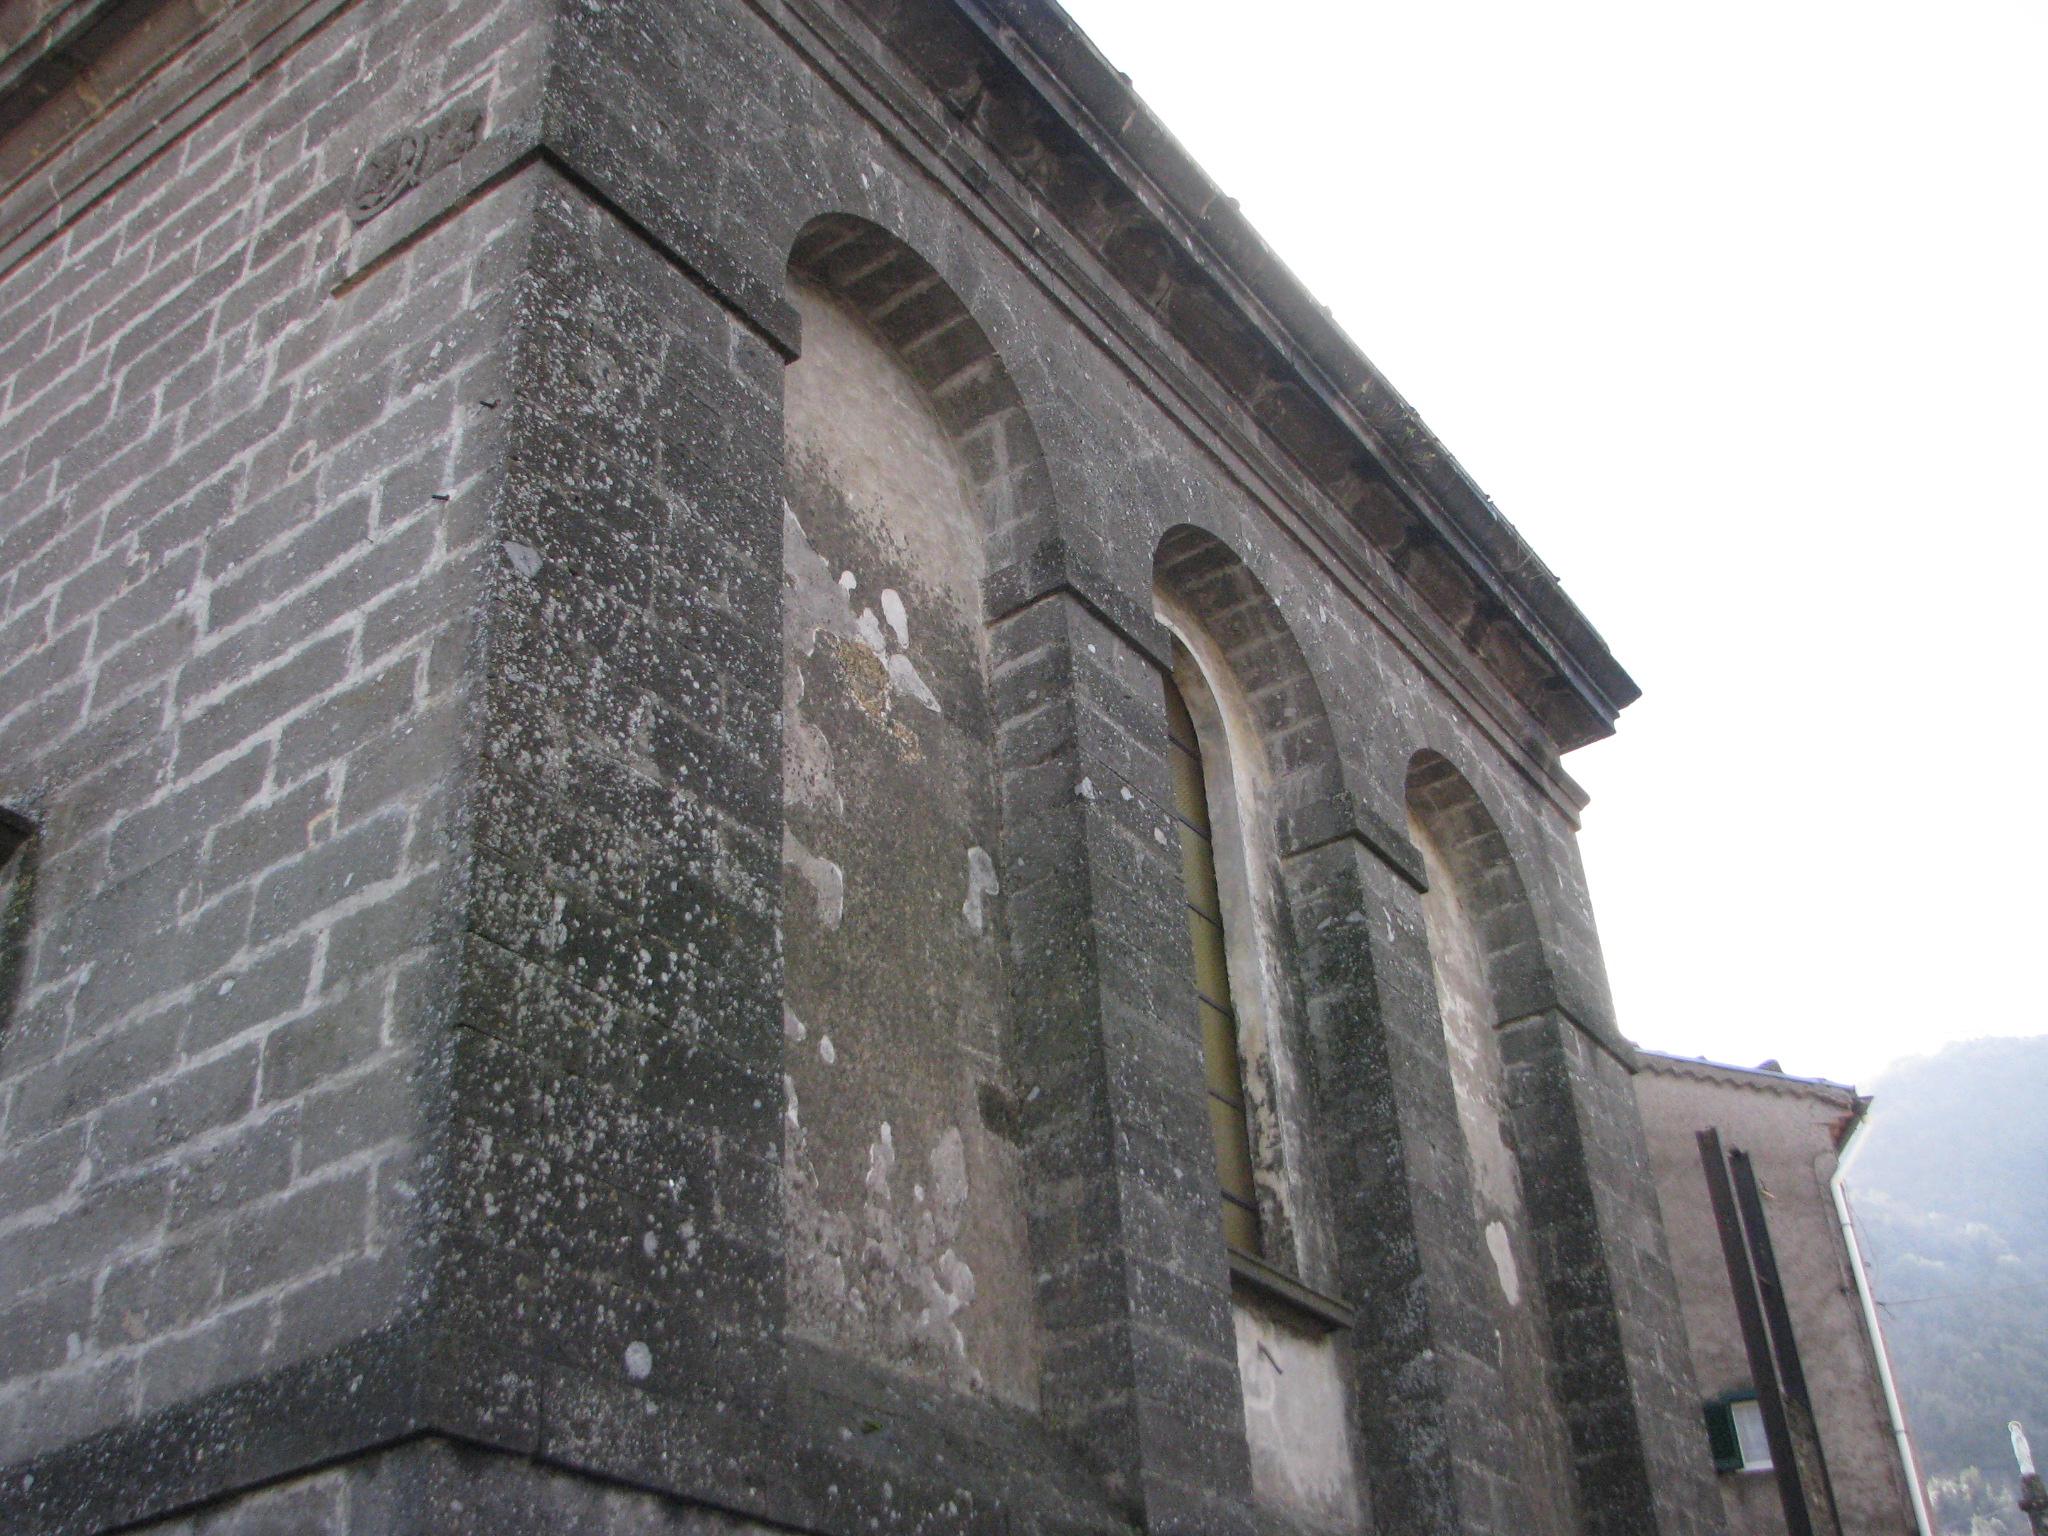 13 lato con lesene Madonna della Pace